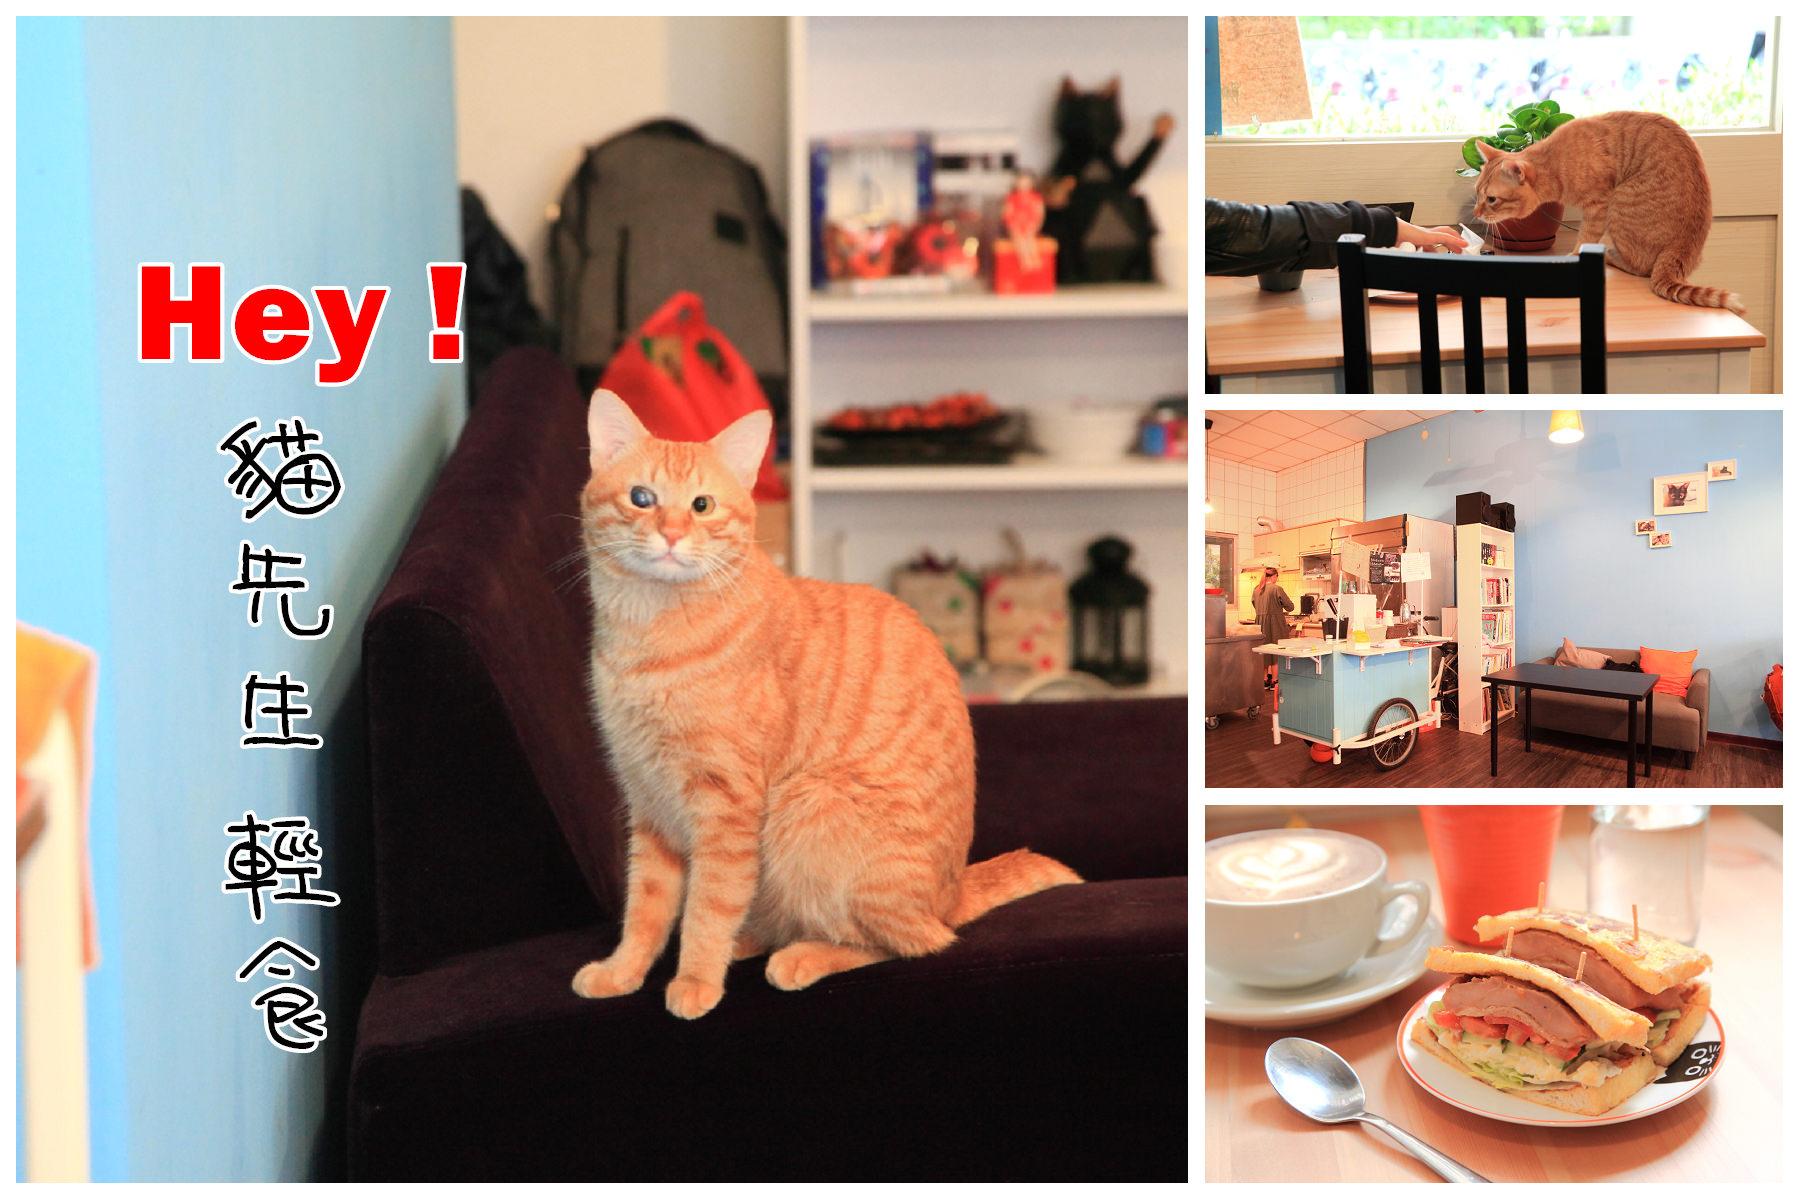 [桃園南崁]小巷內的清幽早午餐,日式小清新!小橘貓莉莉店長陪妳吃早餐~Hey 貓先生 輕食